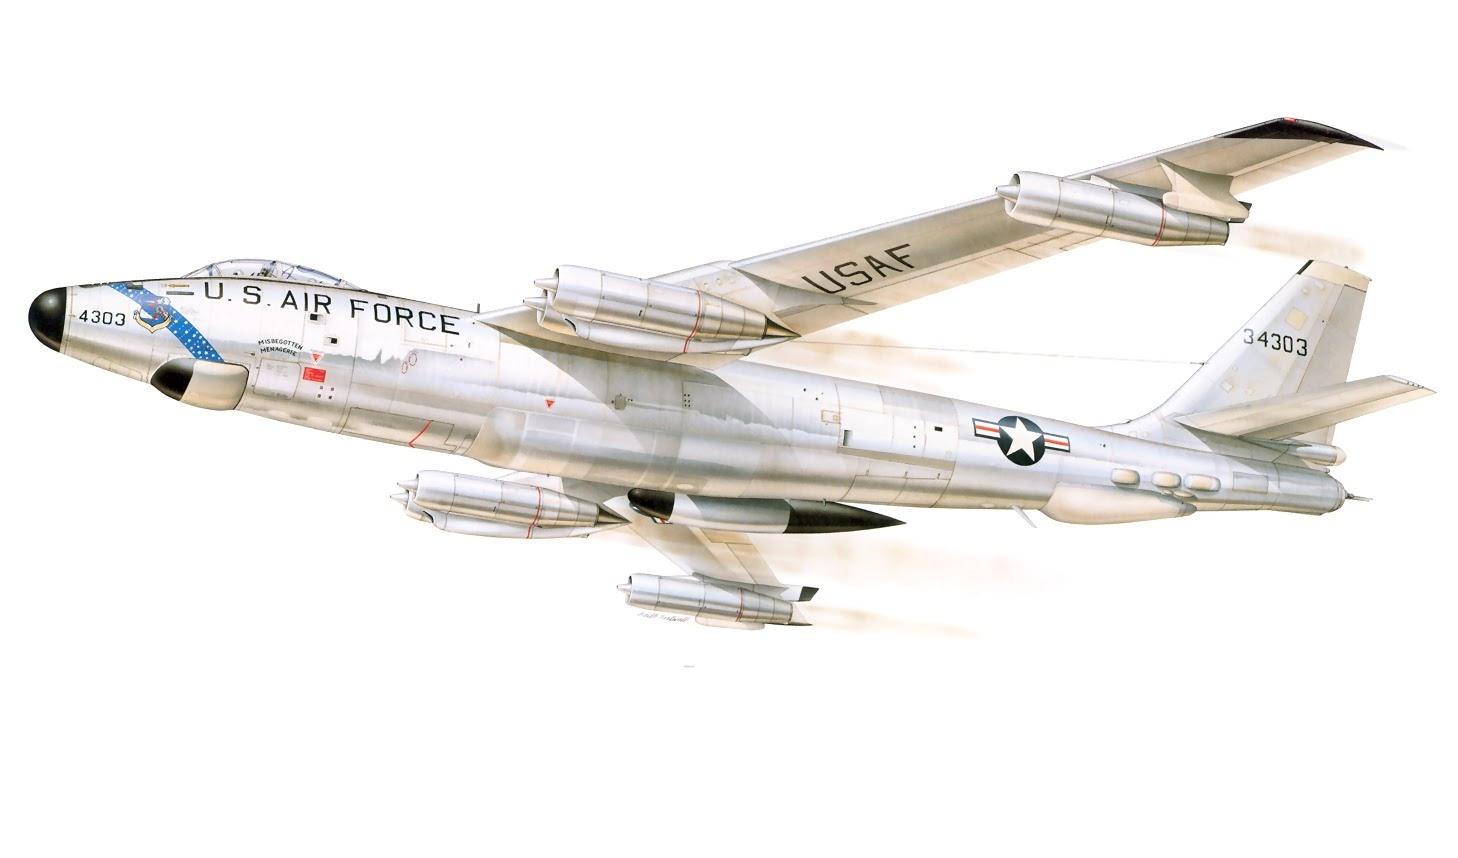 Bombardeiro estratégico Boeing B-47 Stratojet da Força Aérea dos EUA